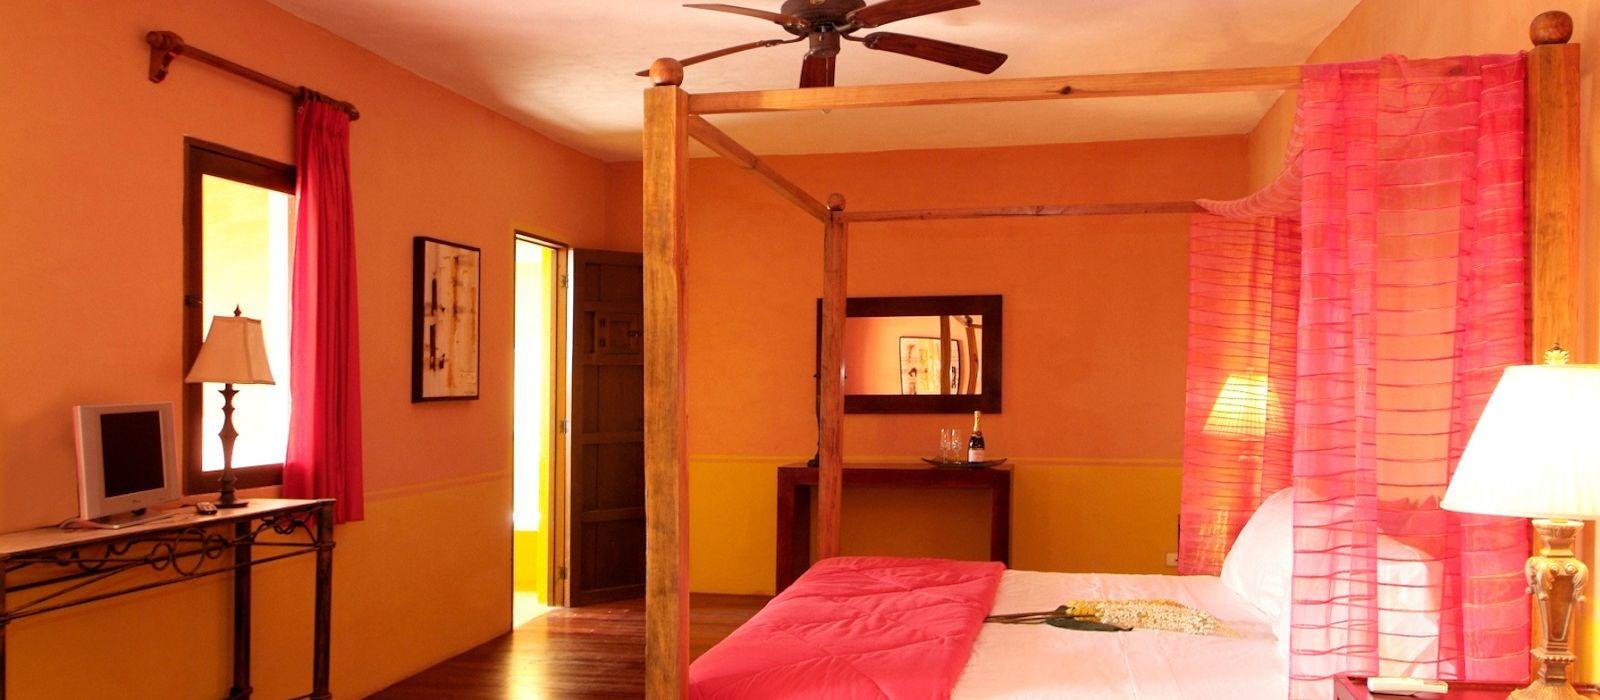 Hotel  Hacienda Merida Mexico